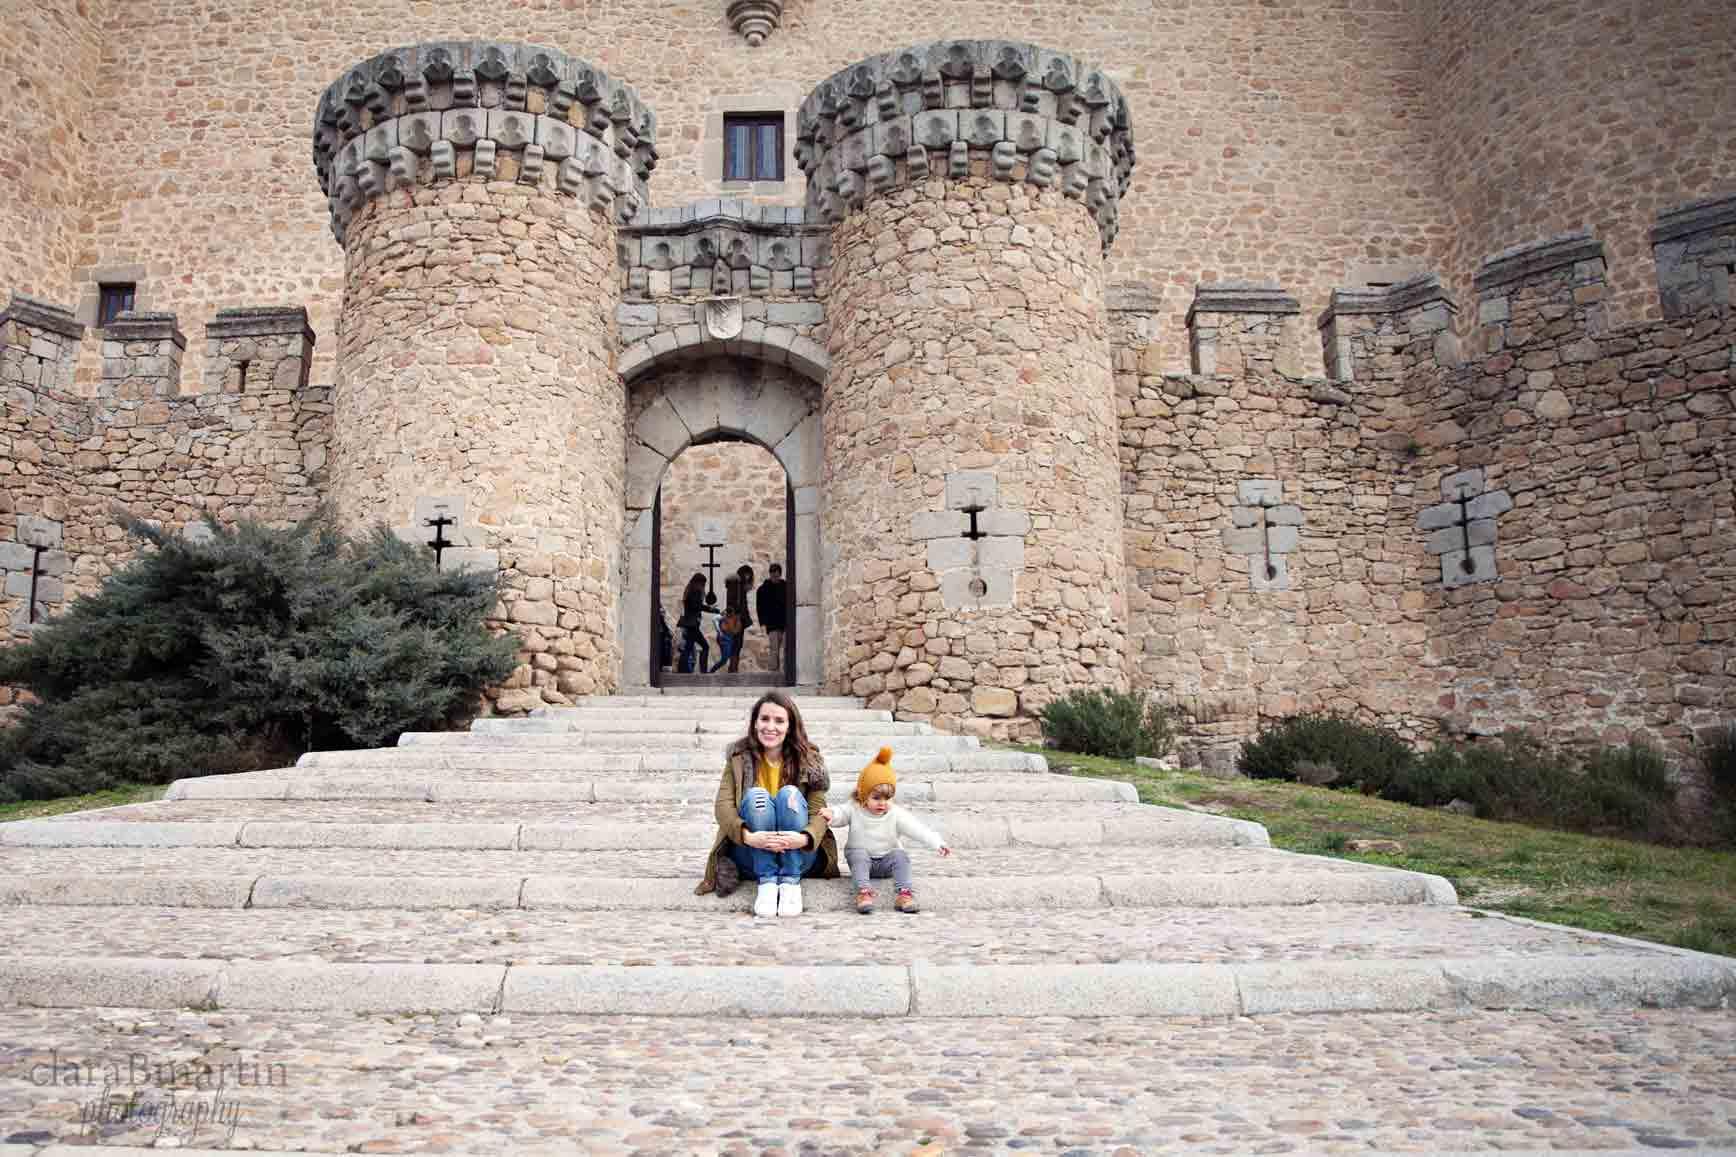 Visita al castillo de manzanares el real y la pedriza - Polideportivo manzanares el real ...